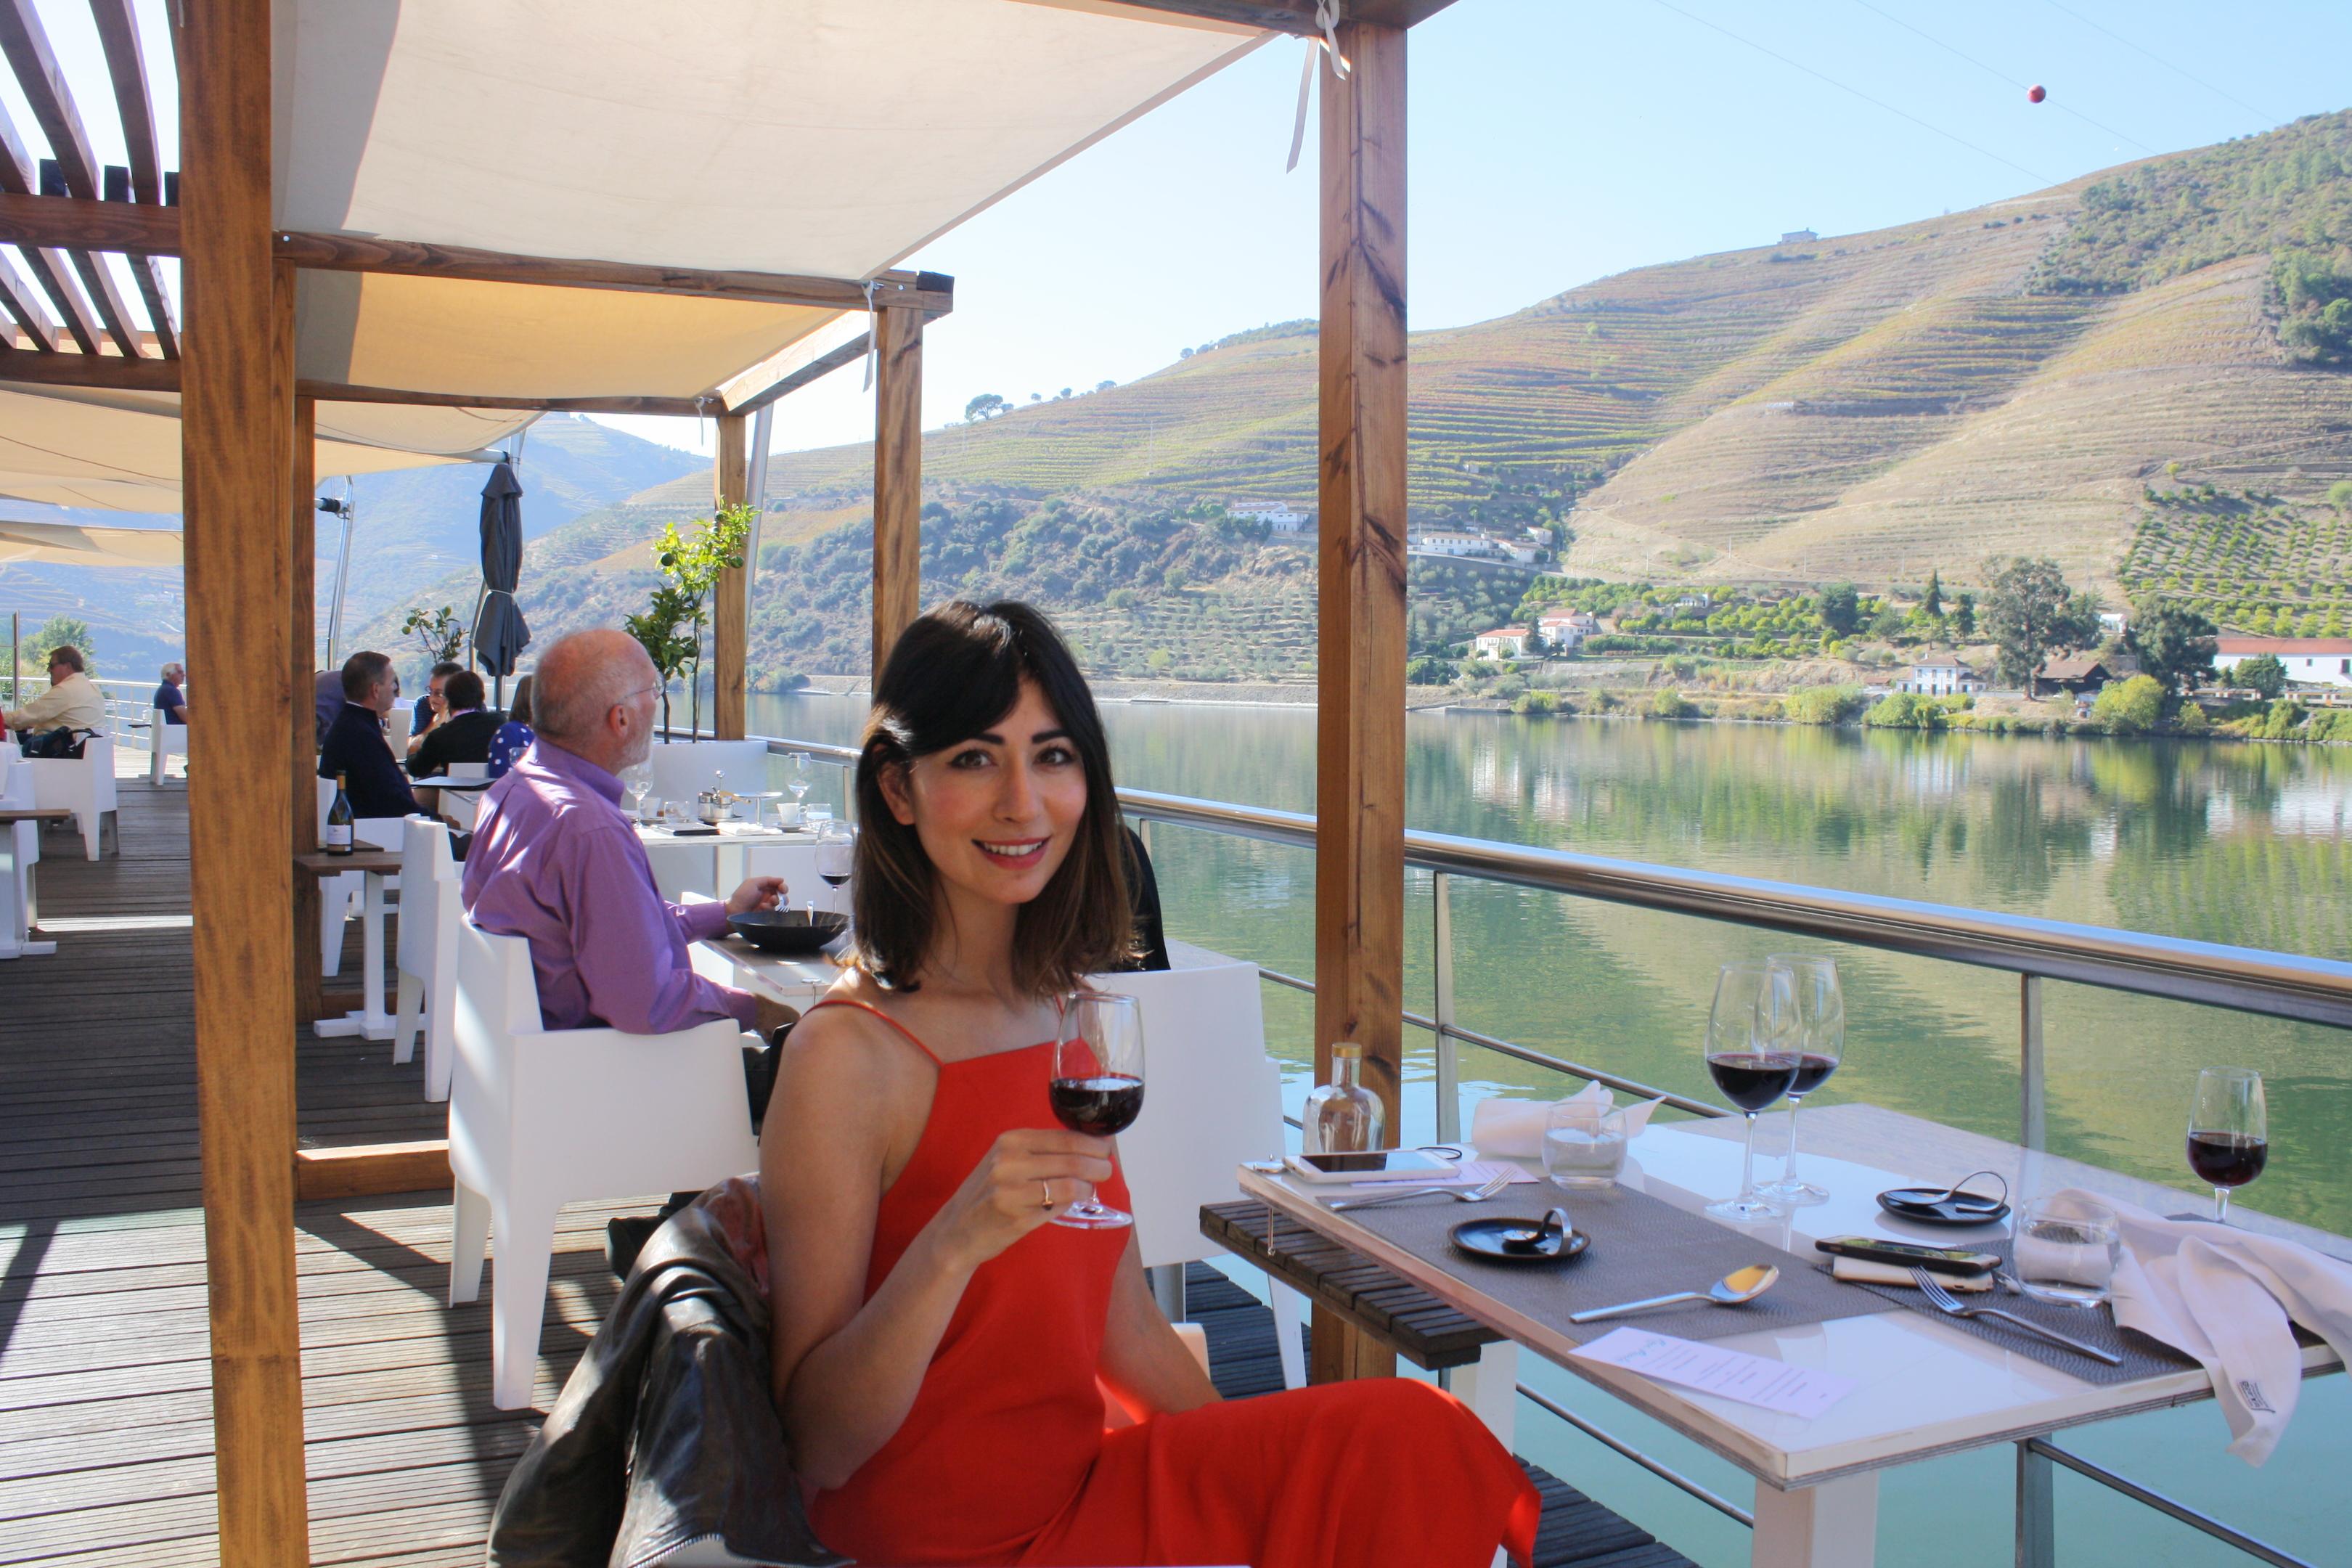 Writer Natasha enjoying Portugal